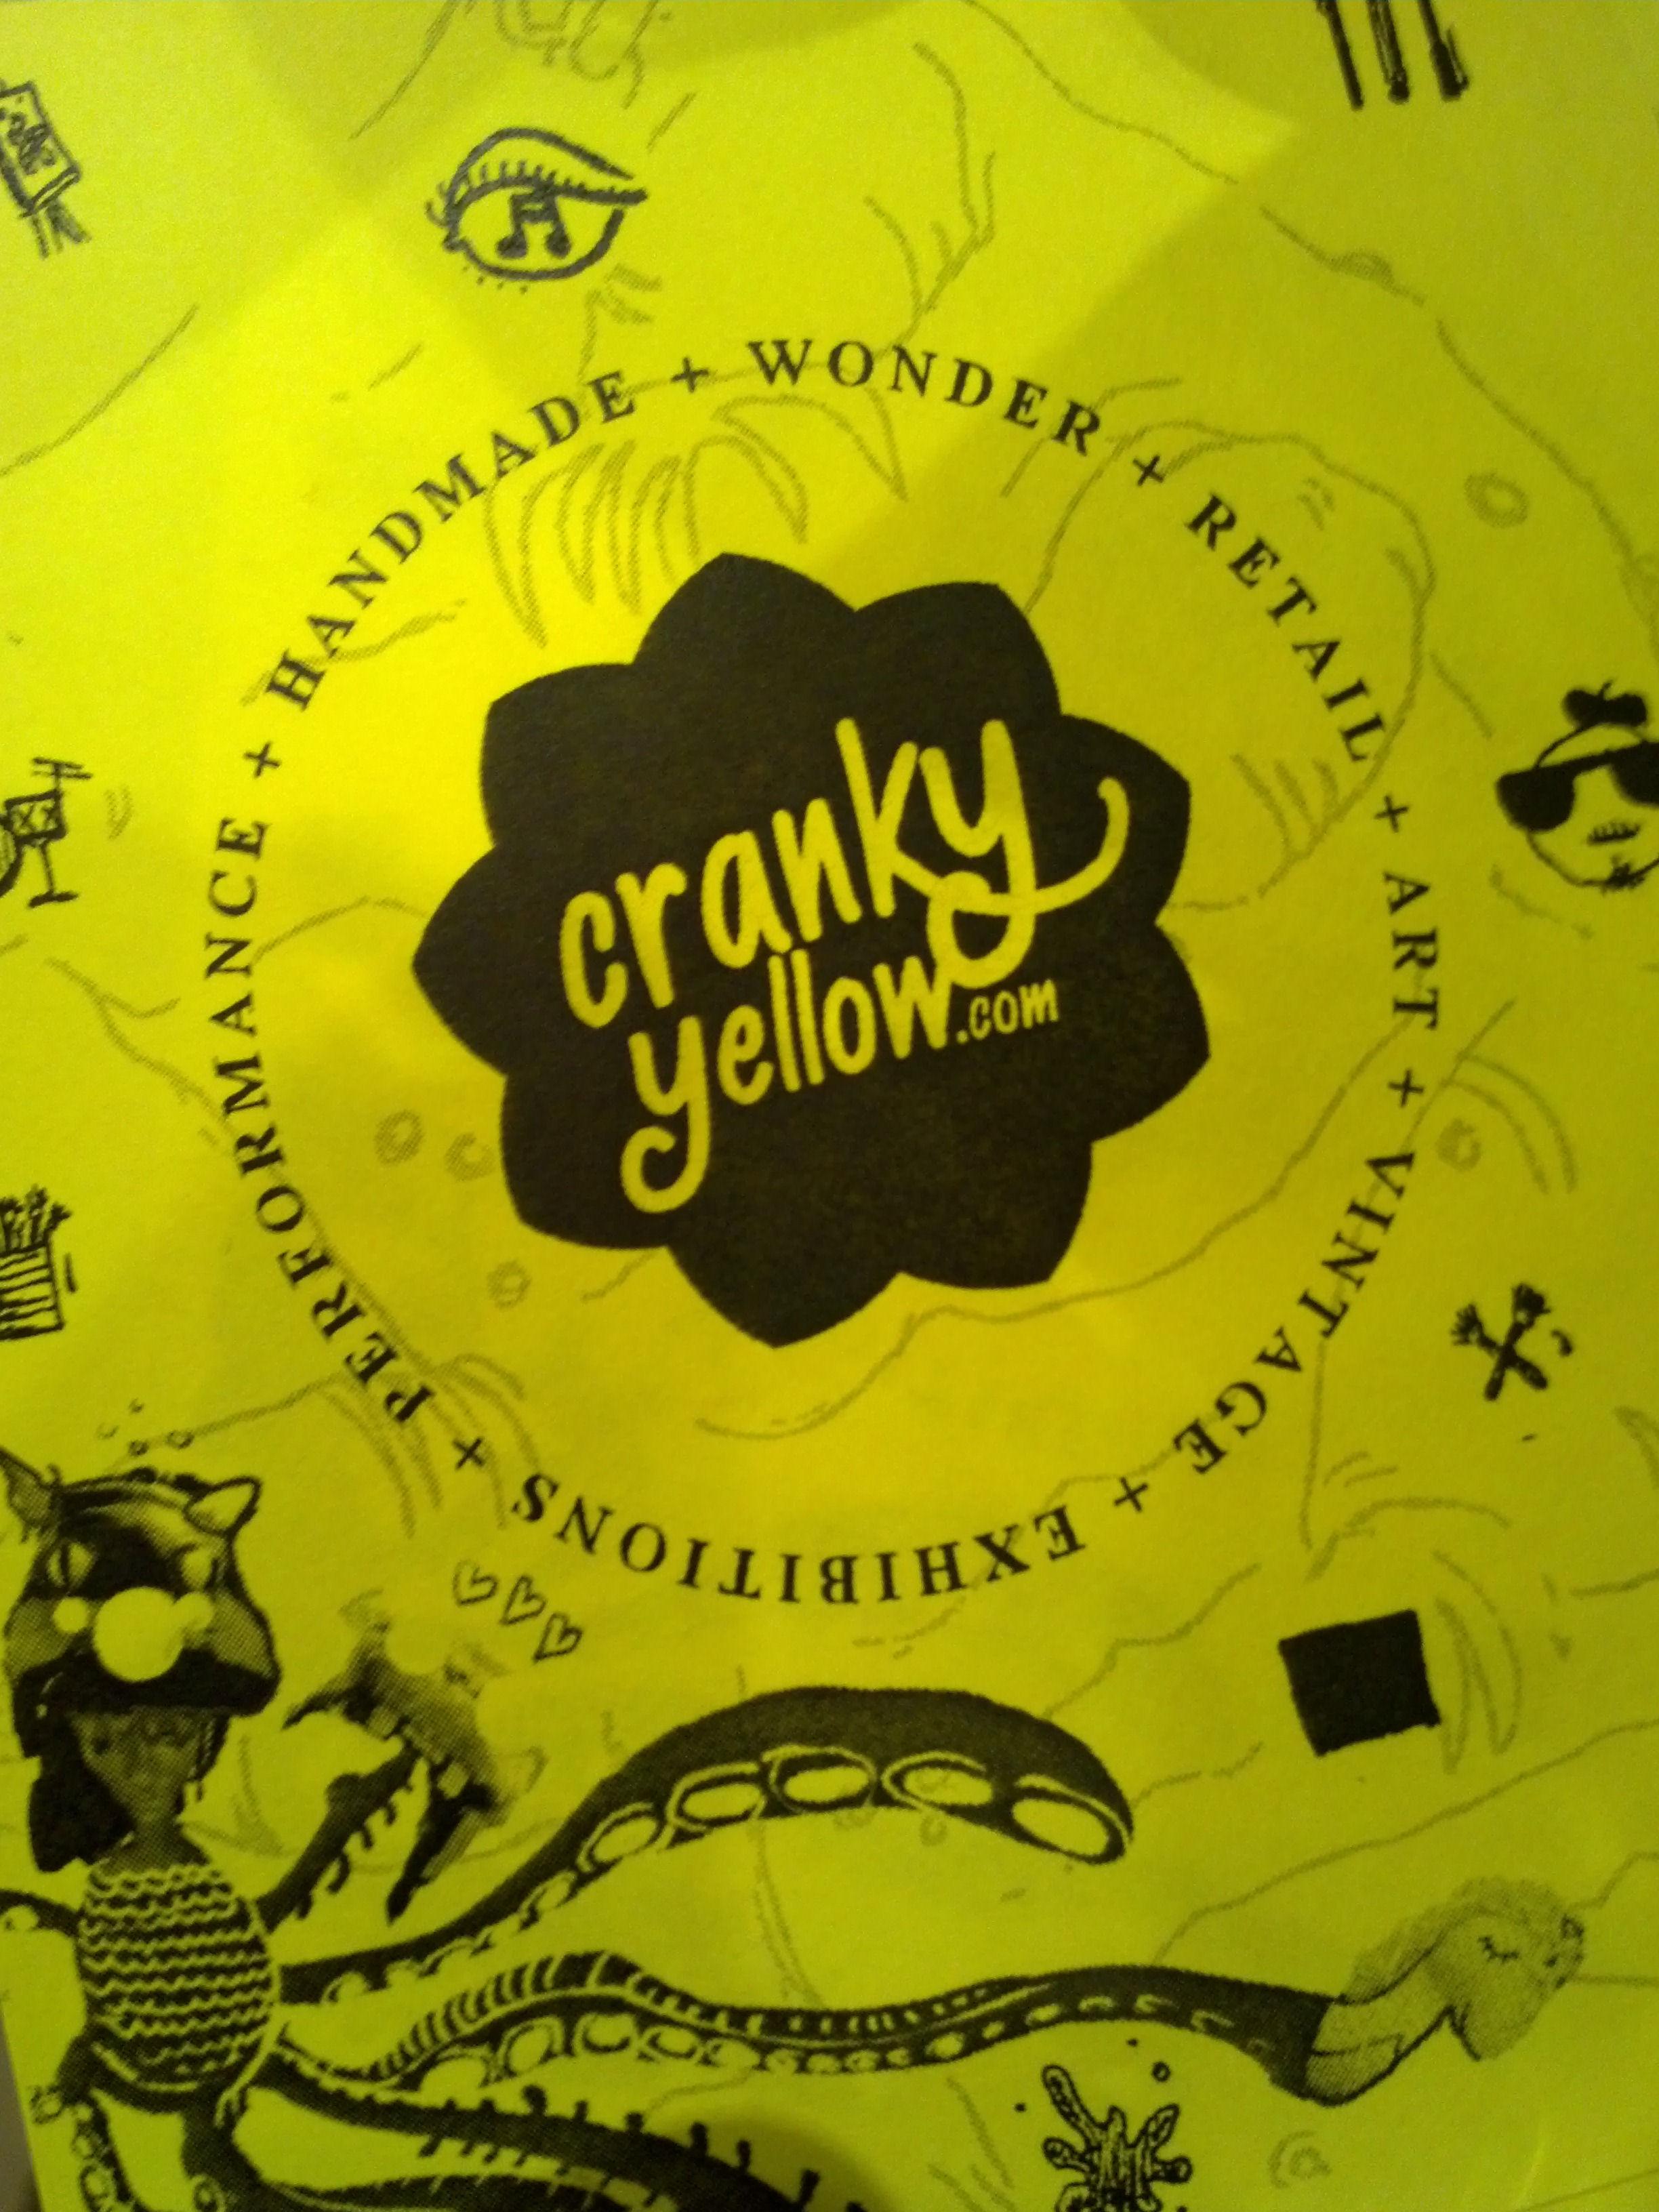 Cranky Yellow 2015